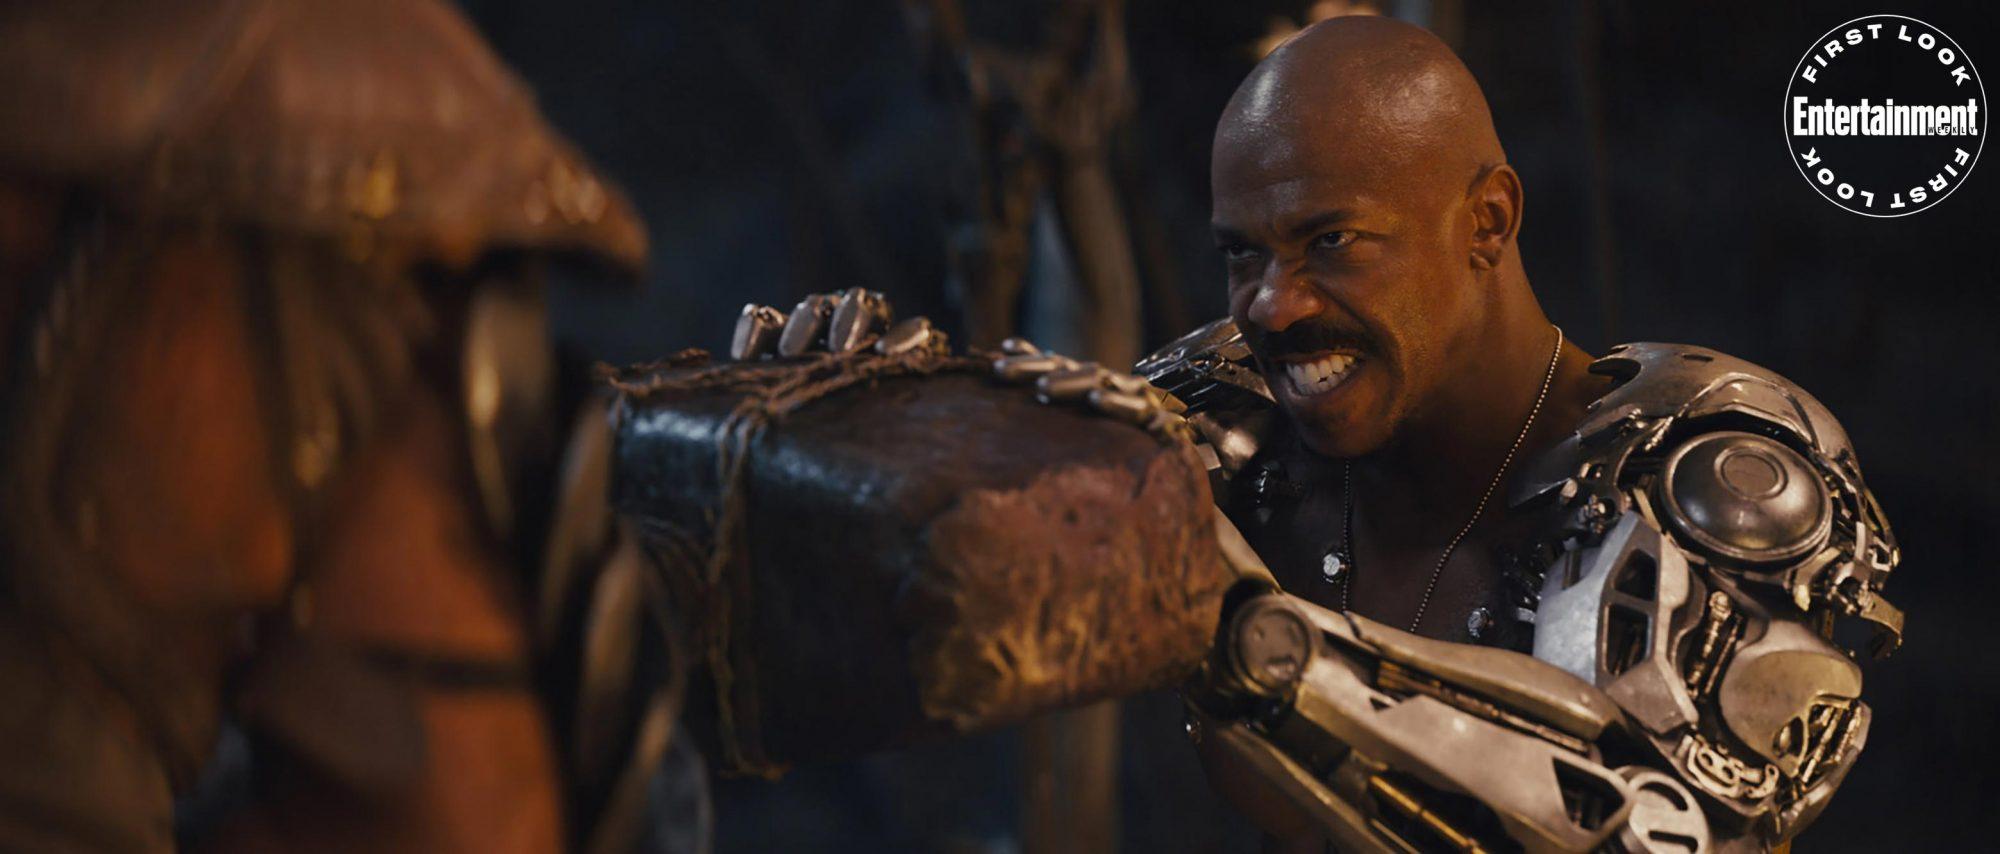 Джакс – один из самых известных героев файтинга /фото ew.com